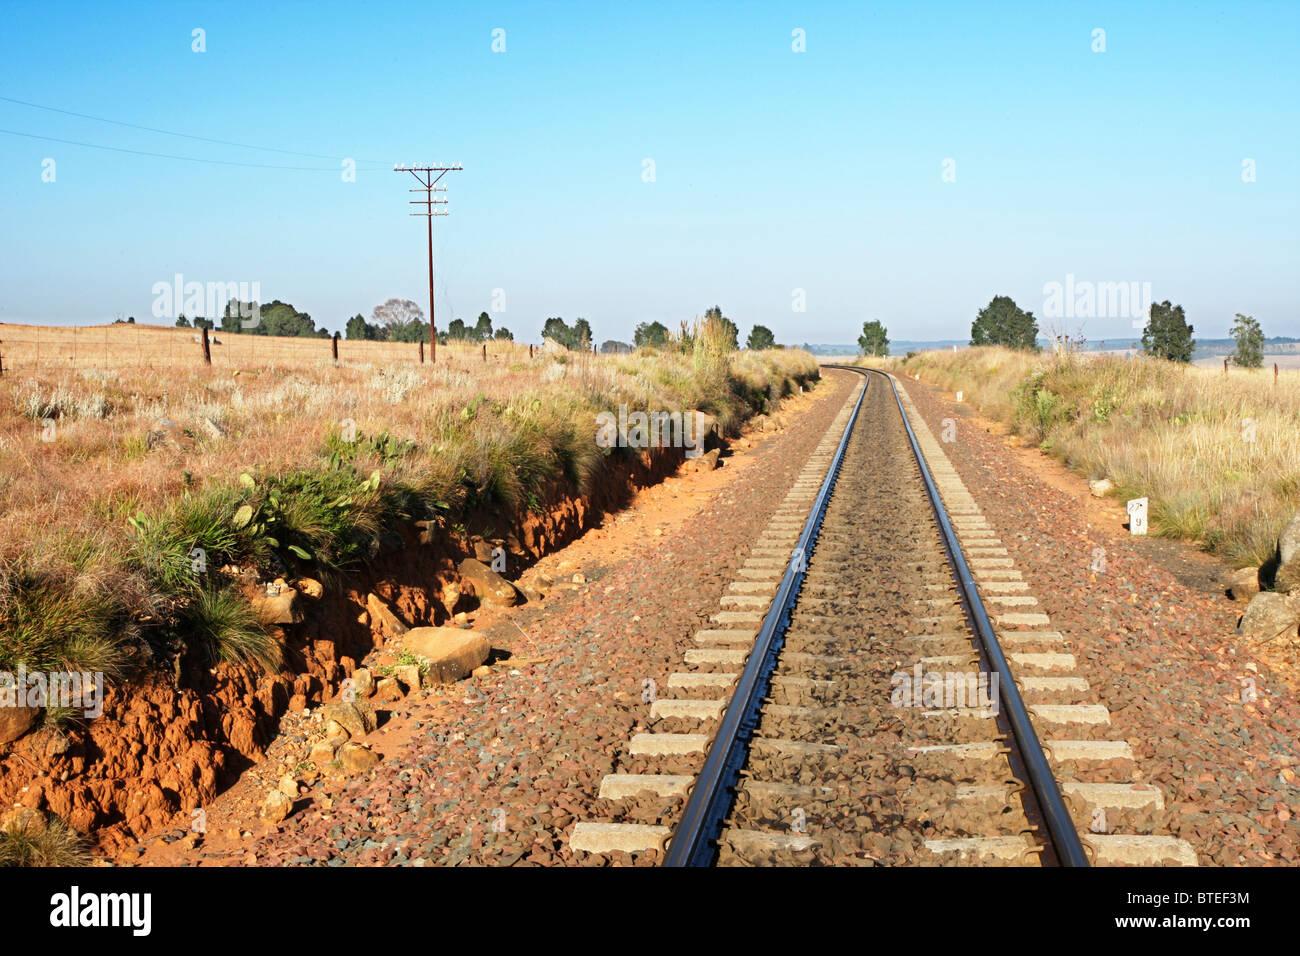 Ligne de chemin de fer disparaissant dans la distance Photo Stock